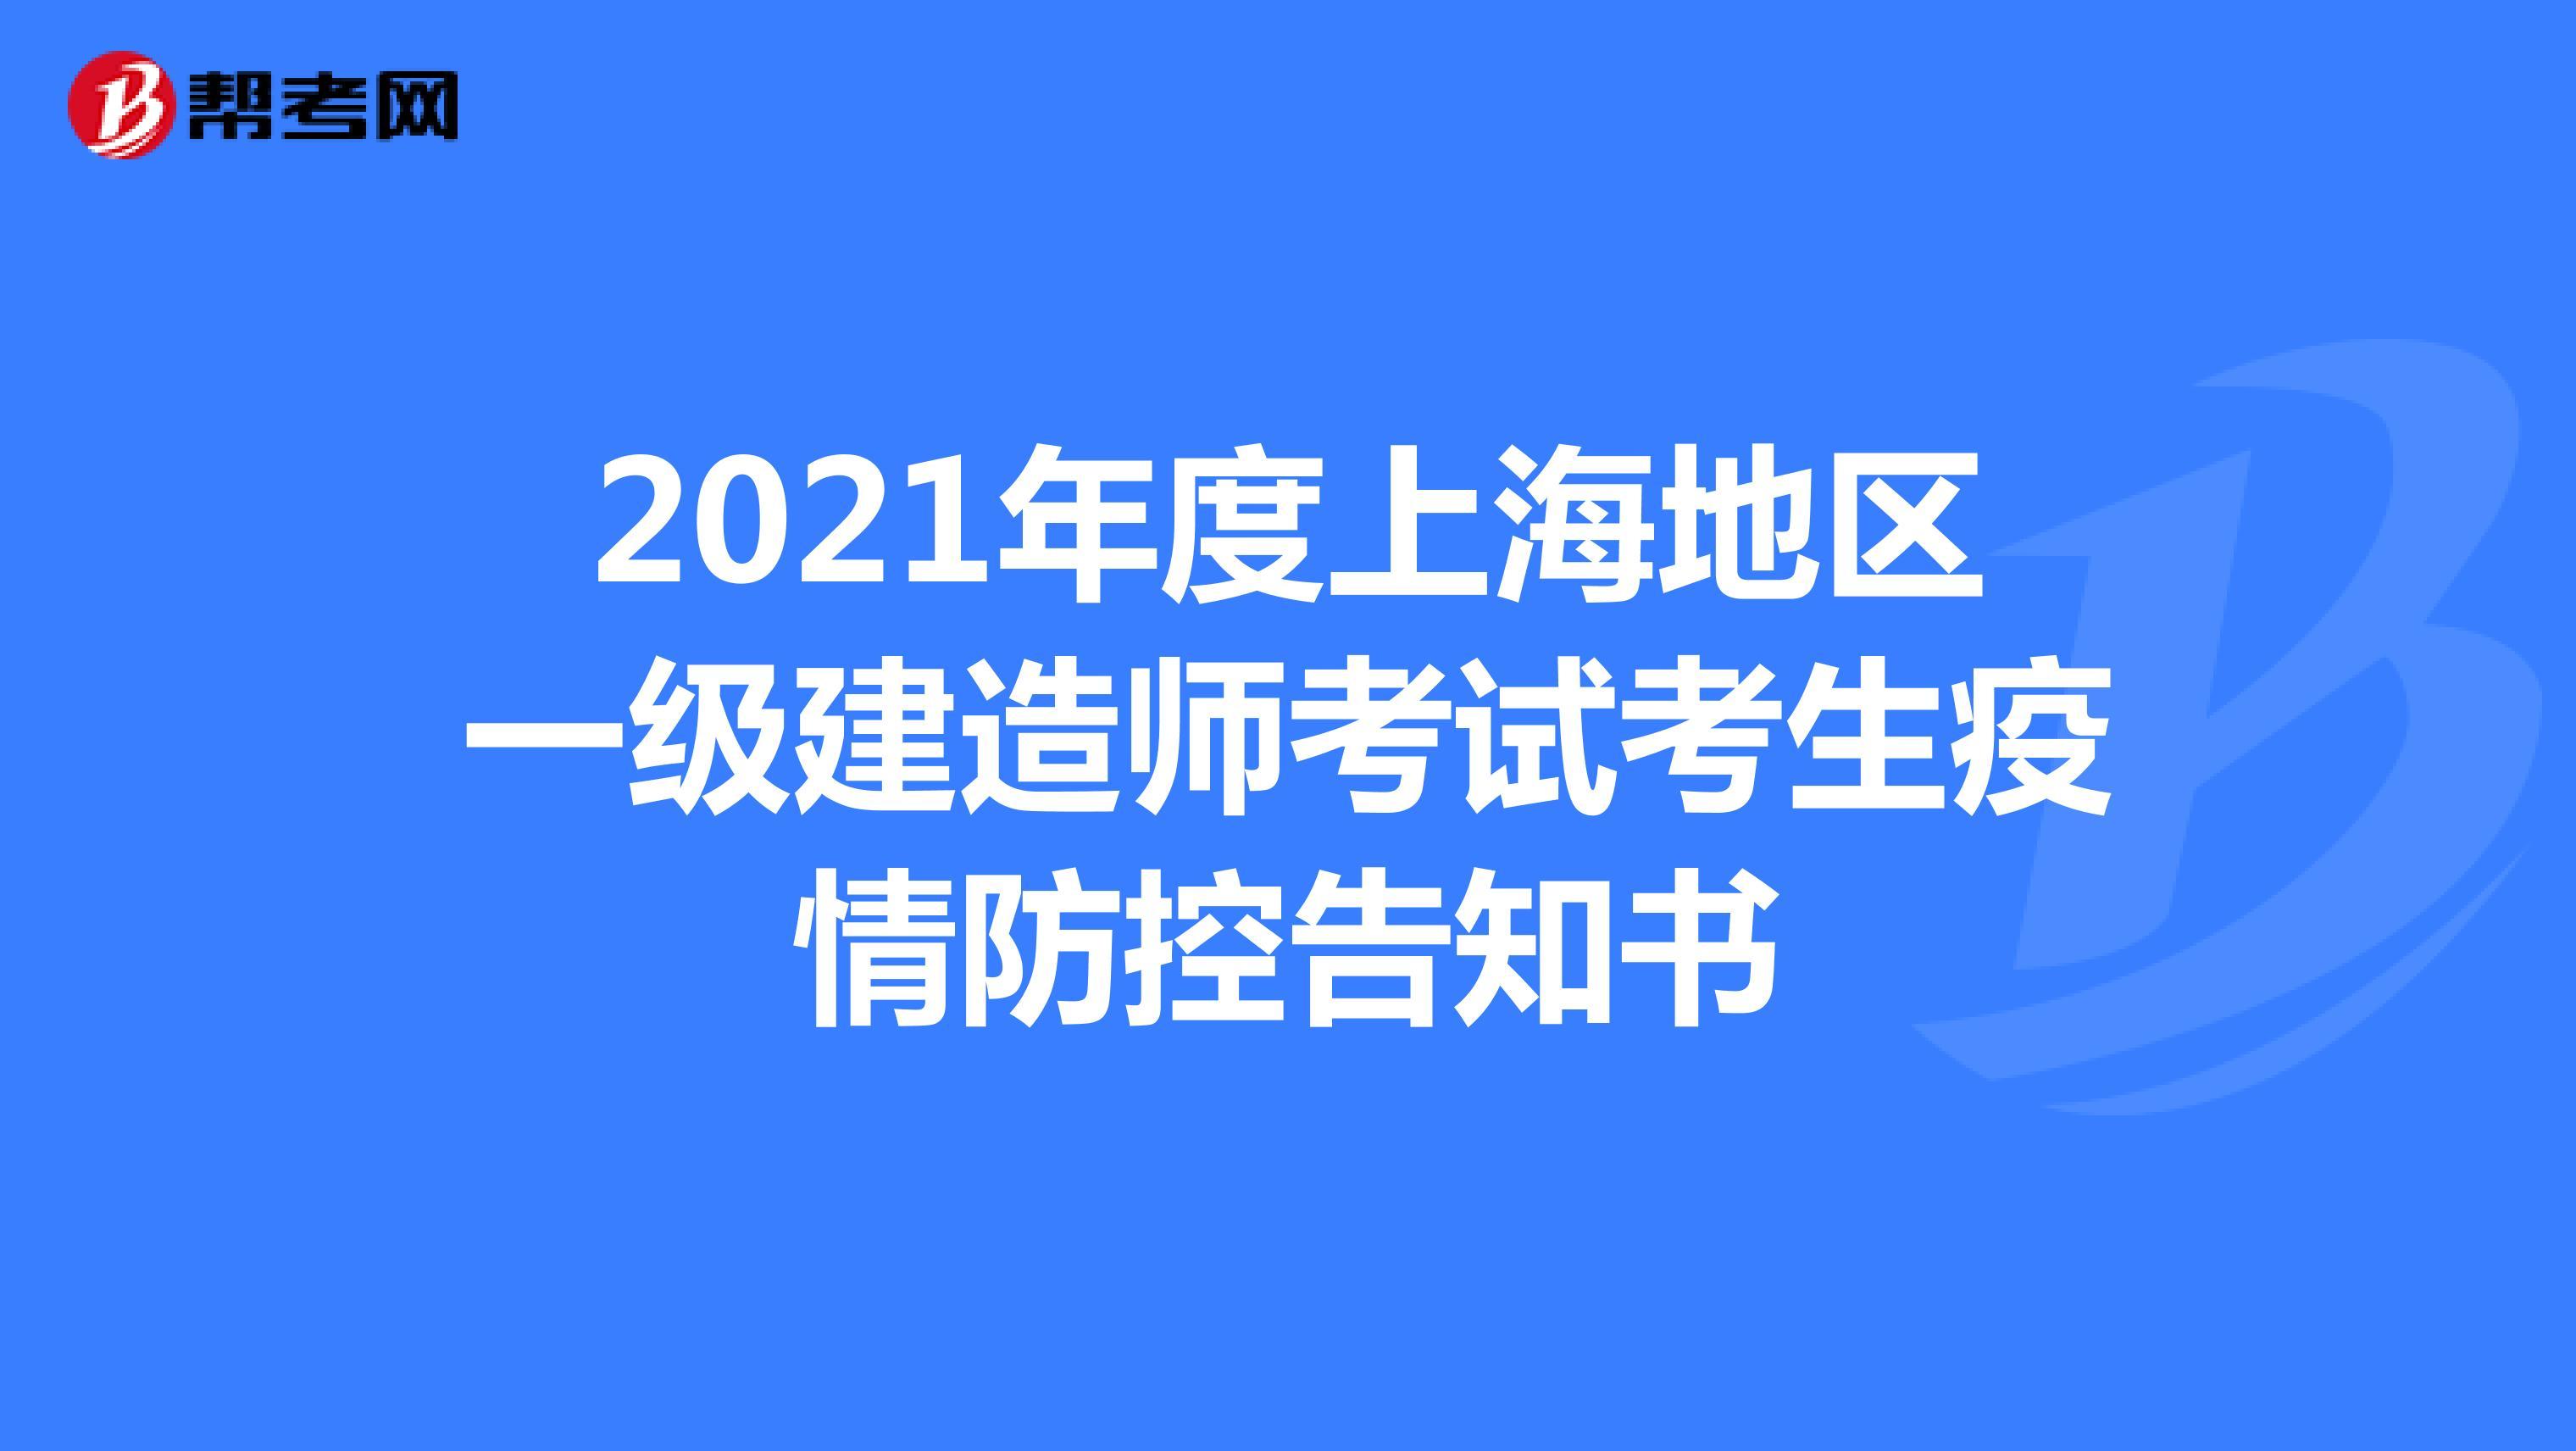 2021年度上海地区一级建造师考试考生疫情防控告知书